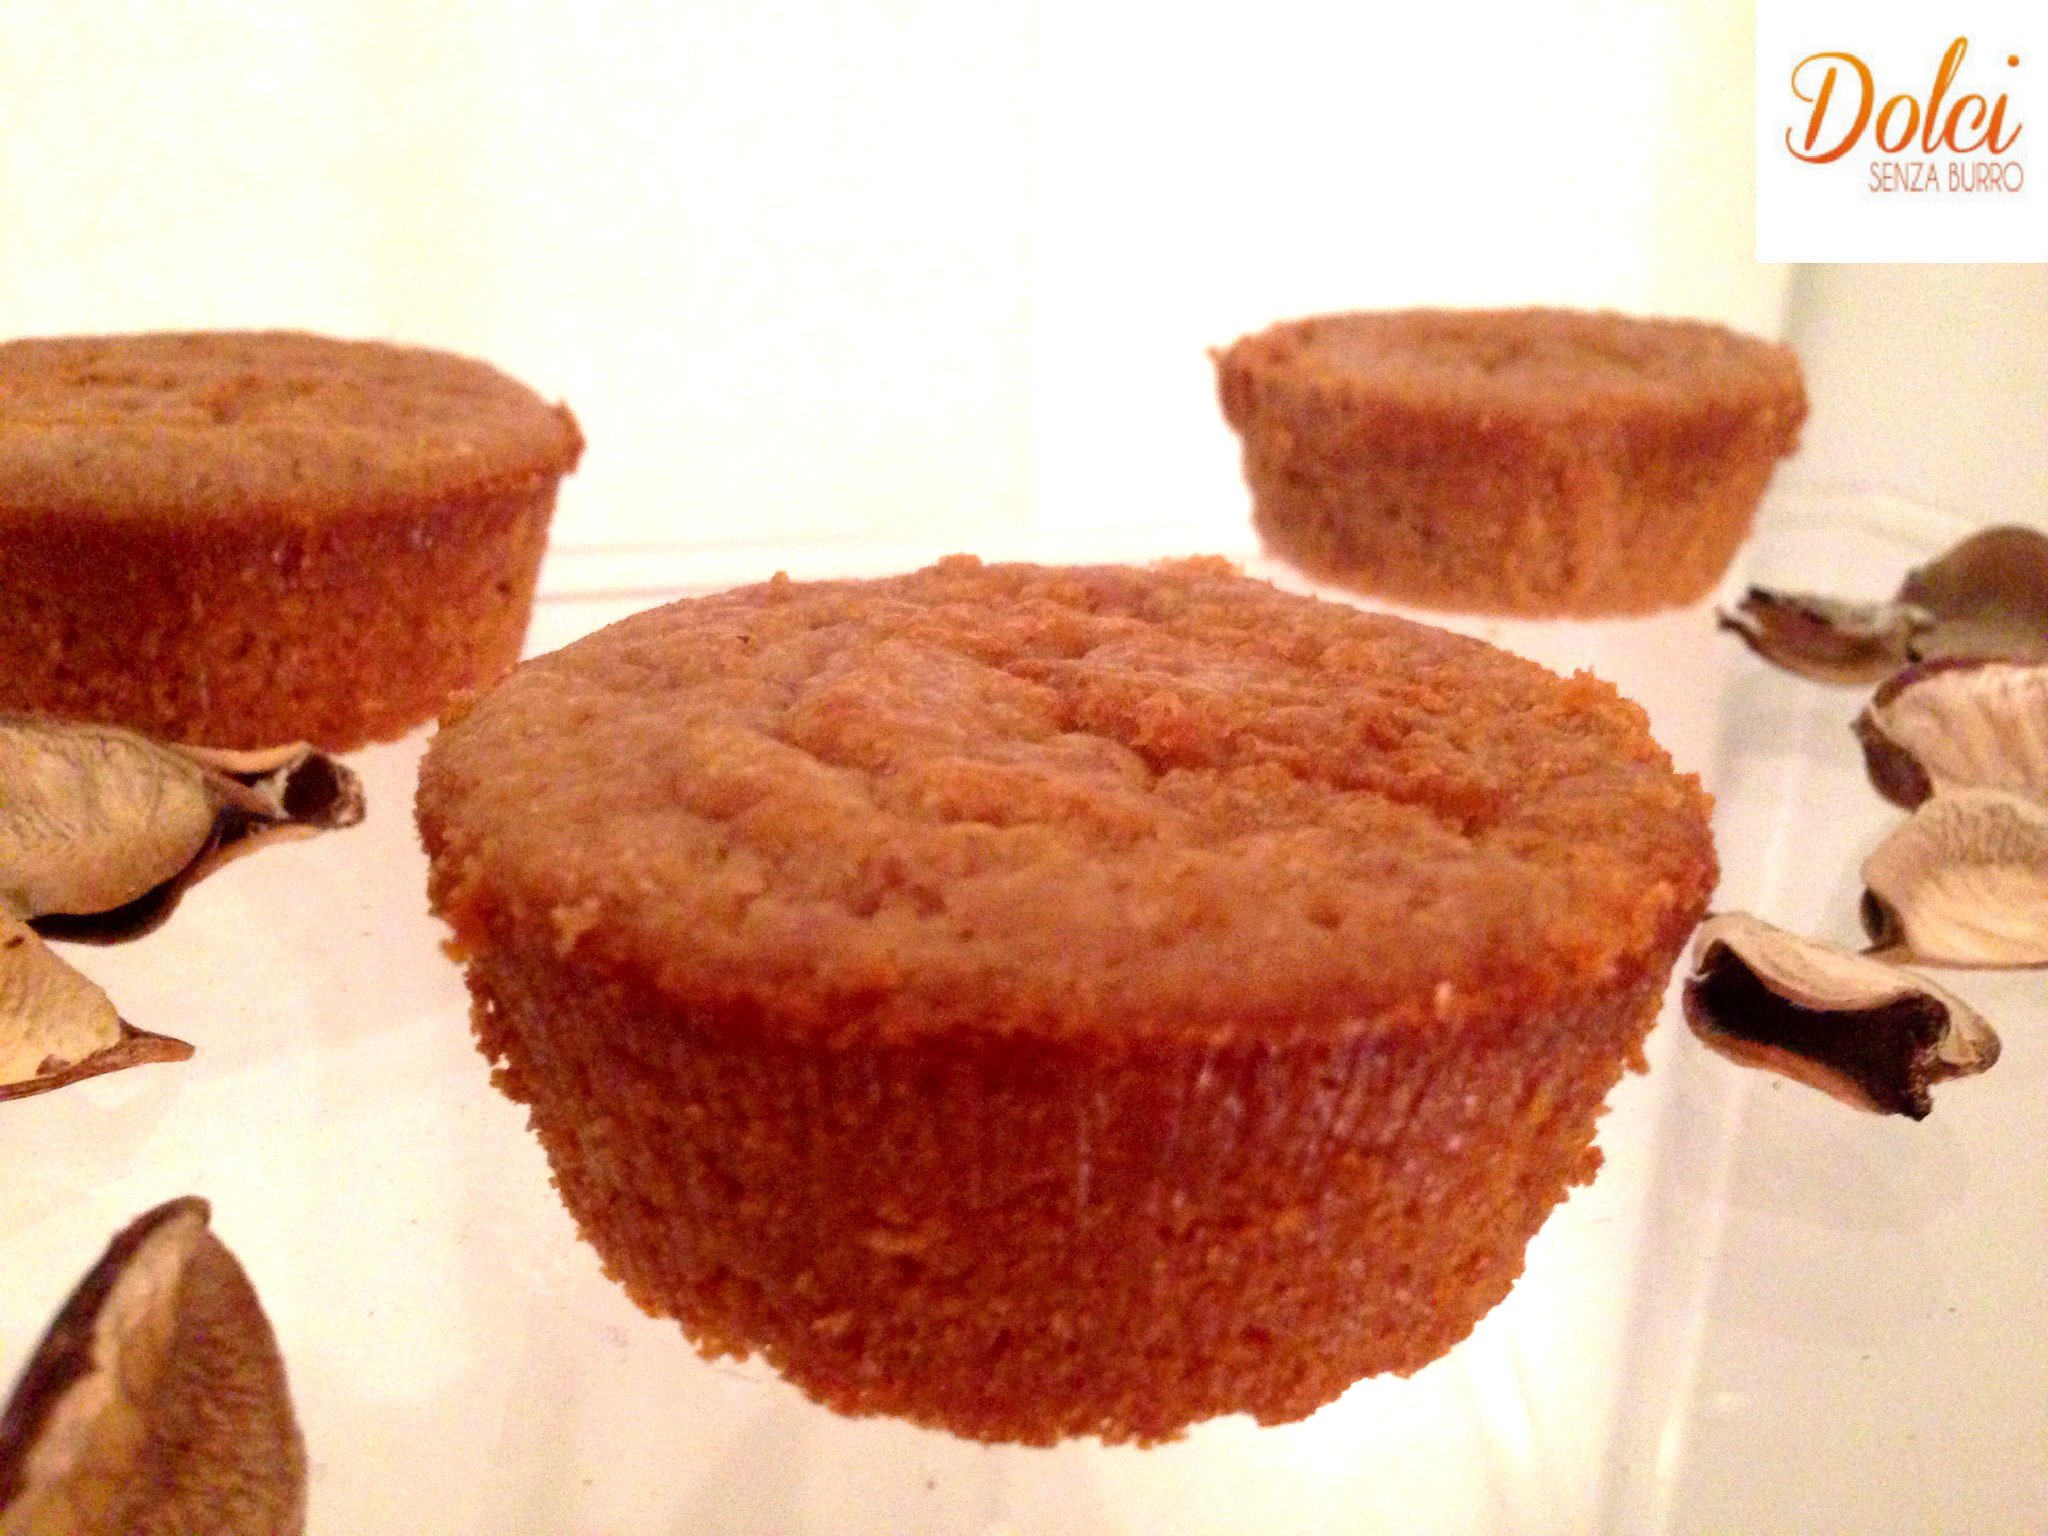 Muffin al Kamut e Zenzero Senza Burro , il dolce leggero di Dolci Senza burro